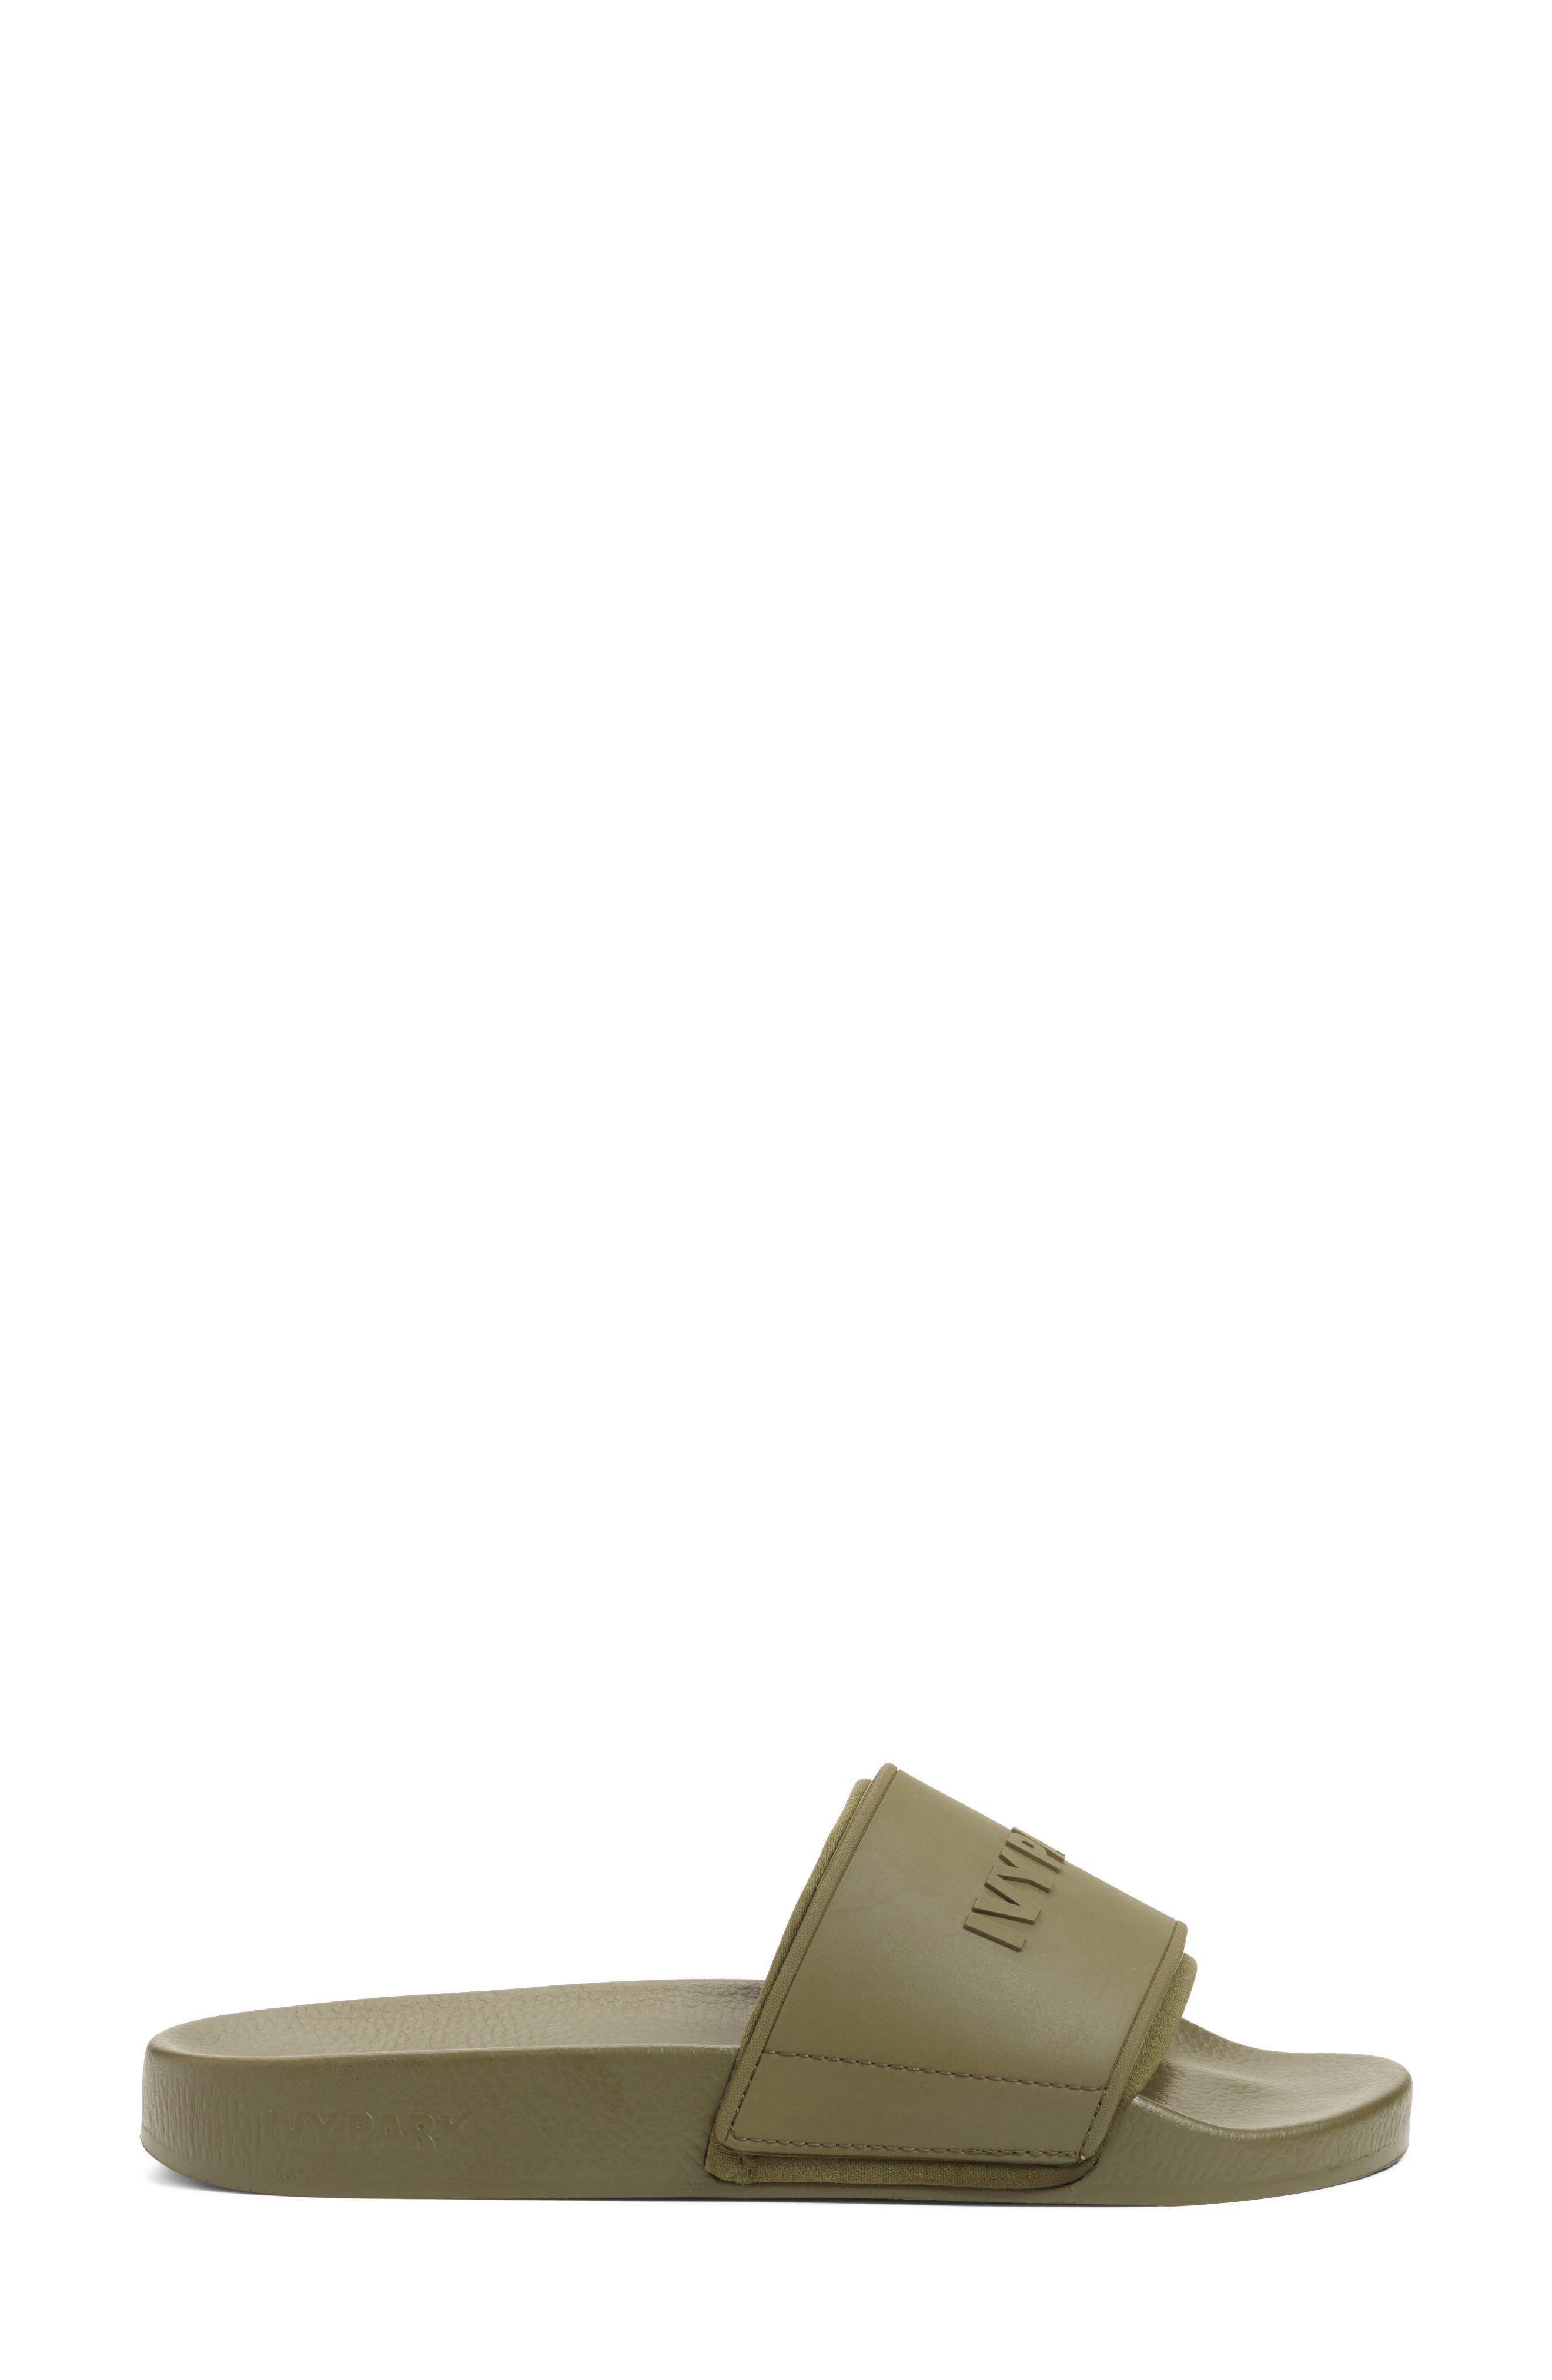 Alternate Image 3  - IVY PARK® Embossed Logo Sock Slide Sandal (Women)